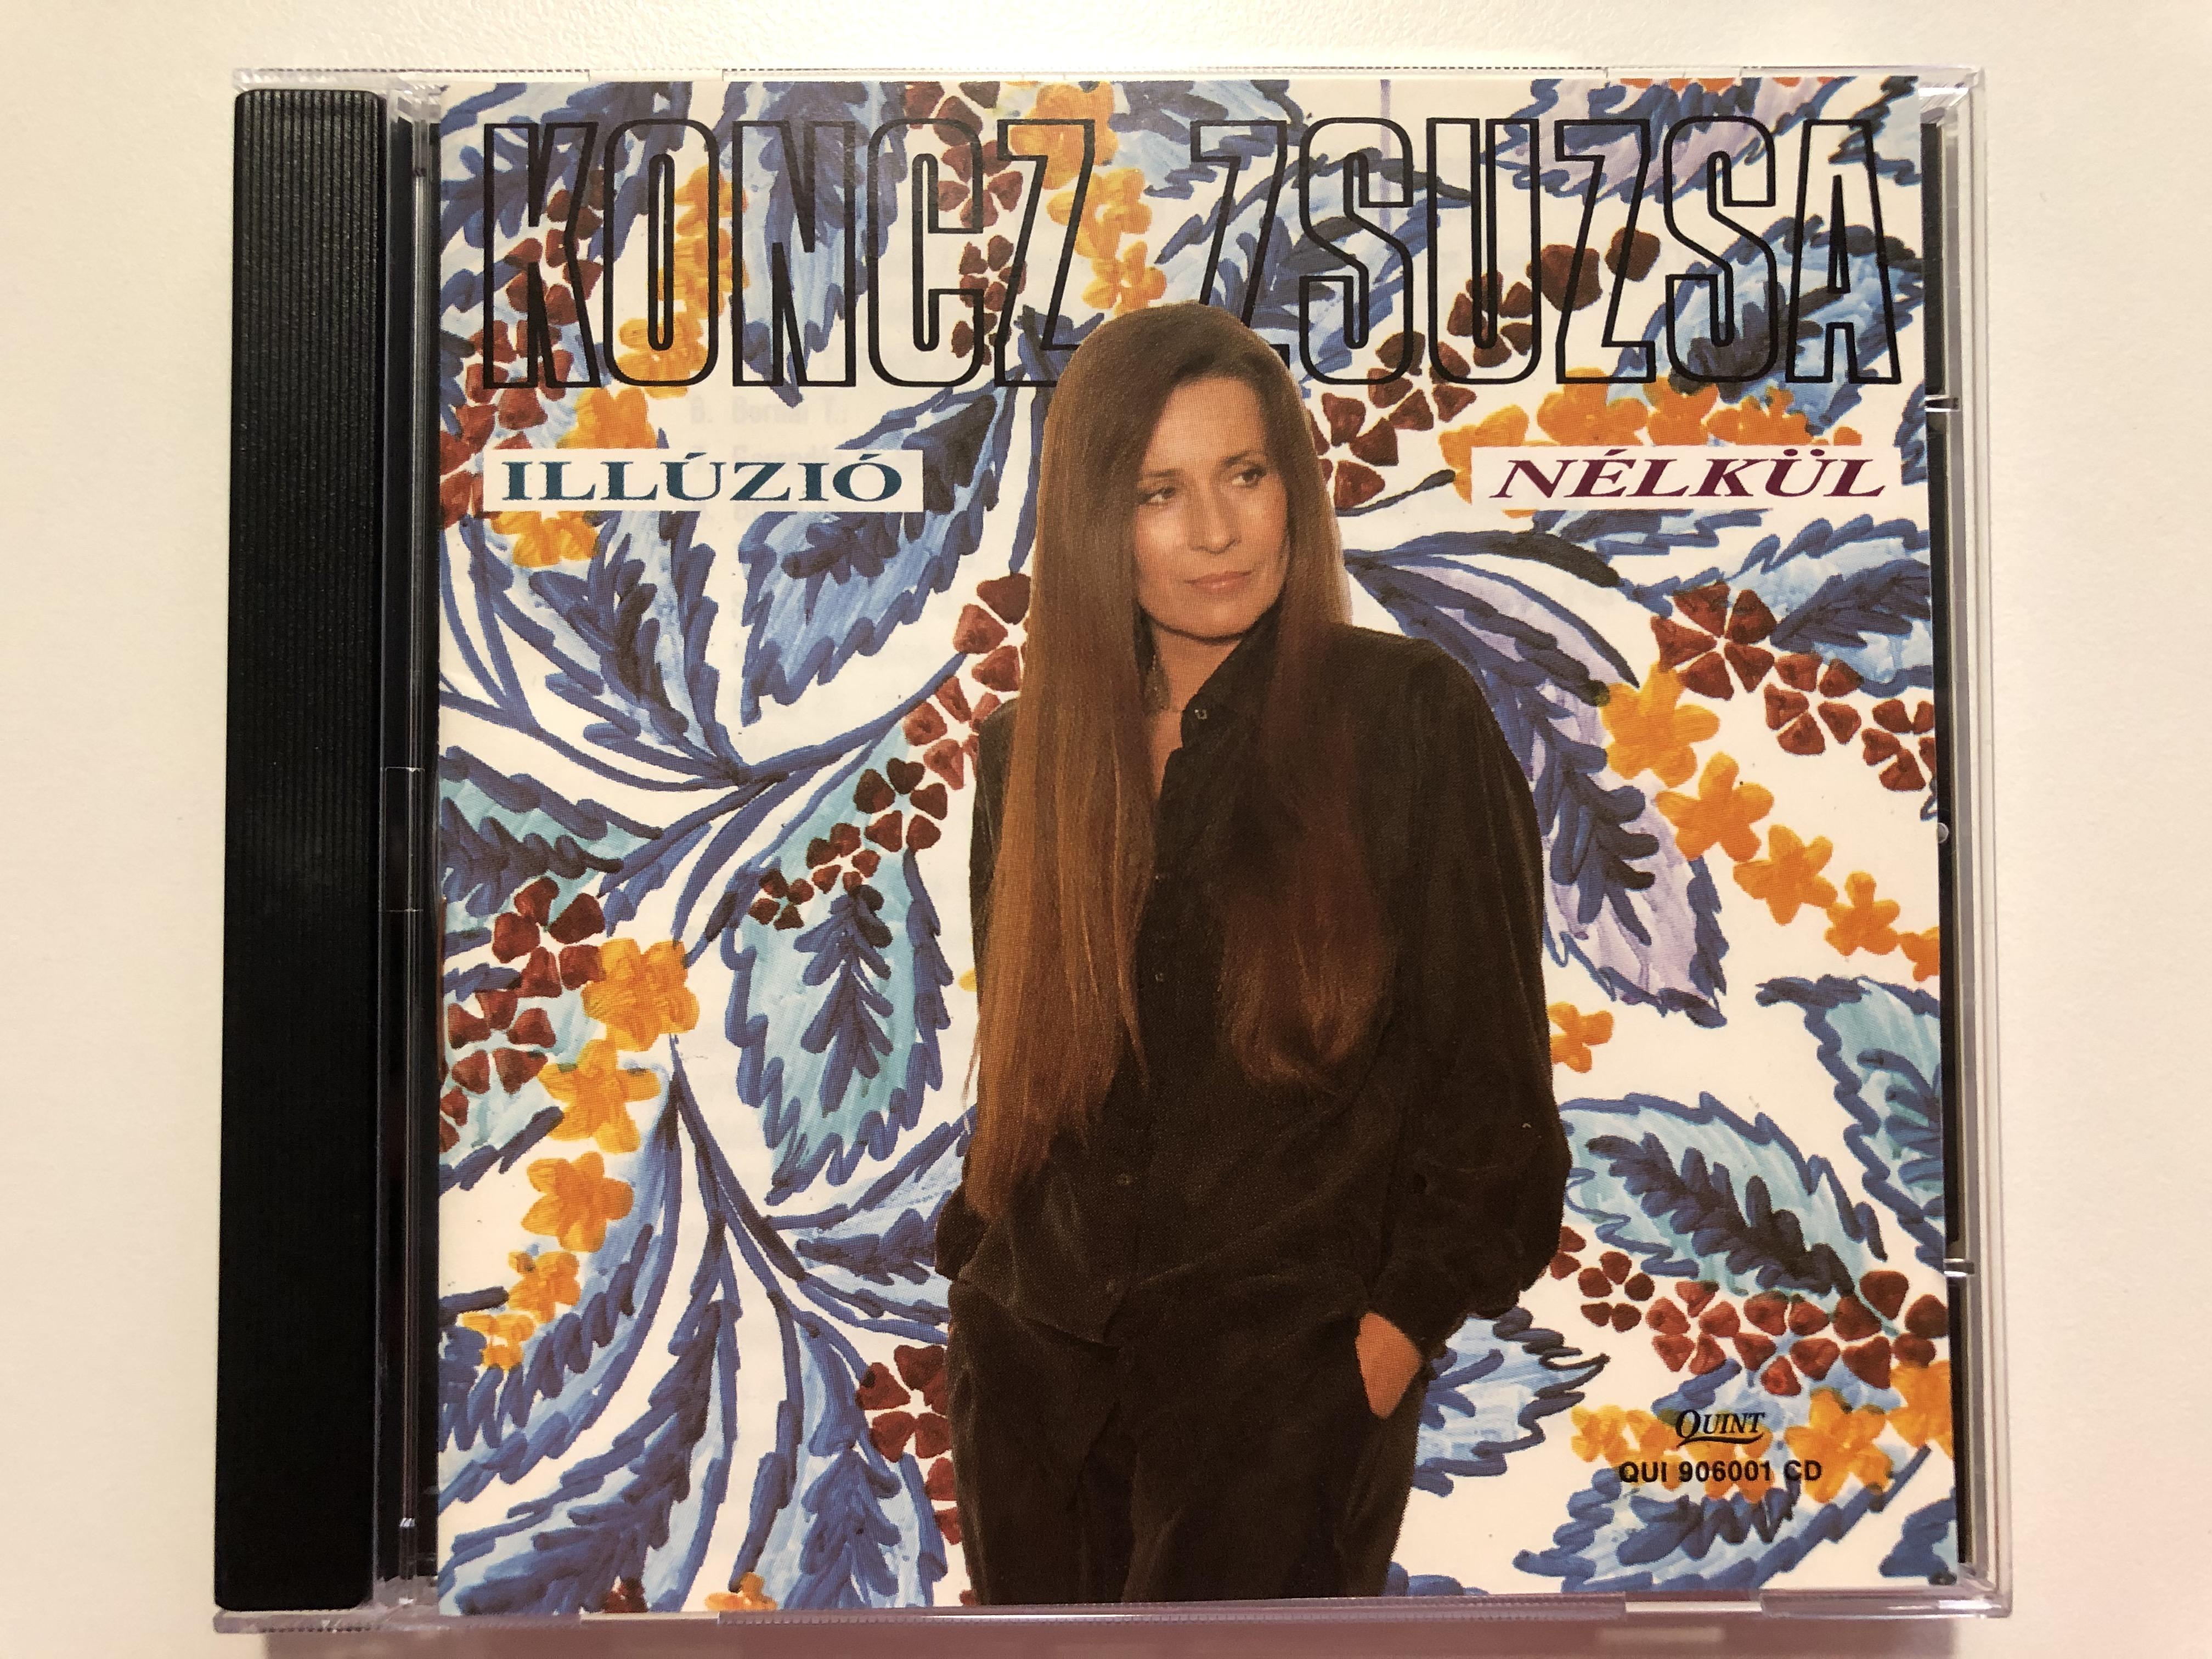 koncz-zsuzsa-ill-zi-n-lk-l-quint-audio-cd-1991-stereo-qui-906001-1-.jpg